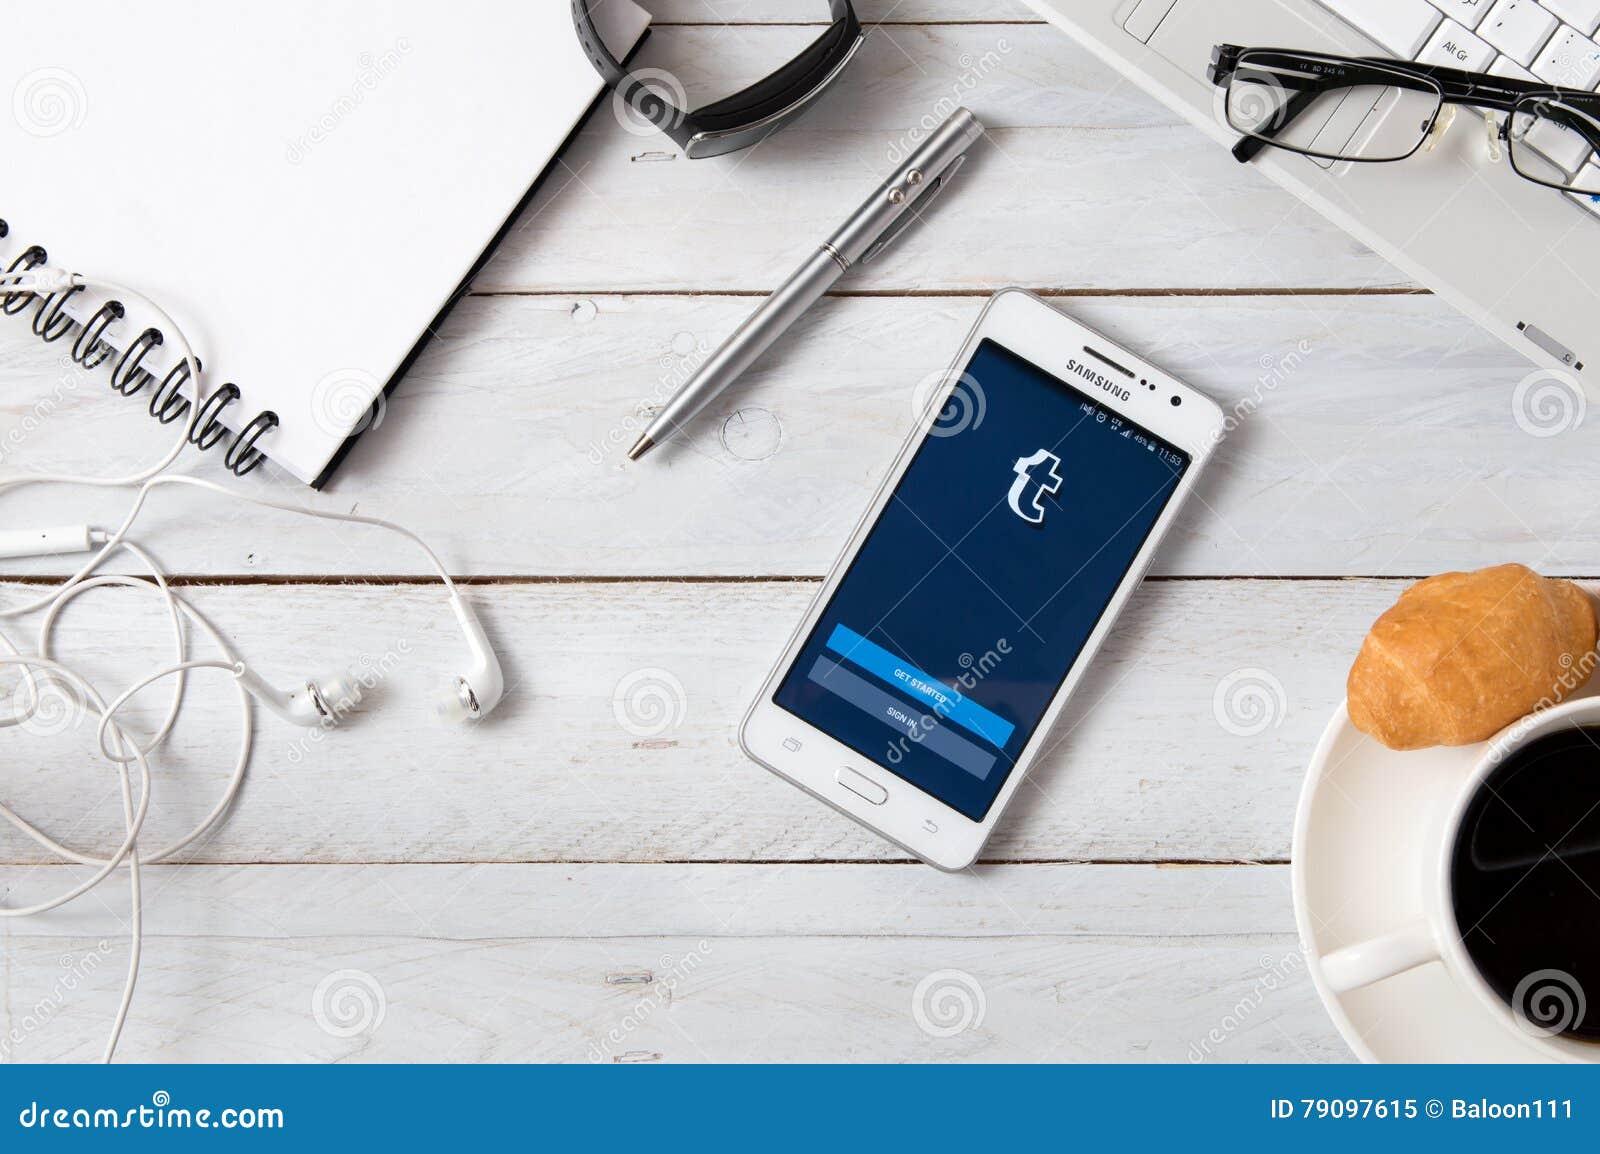 Samsung A5 Mit Tumblr Anwendung Die Auf Schreibtisch Legt